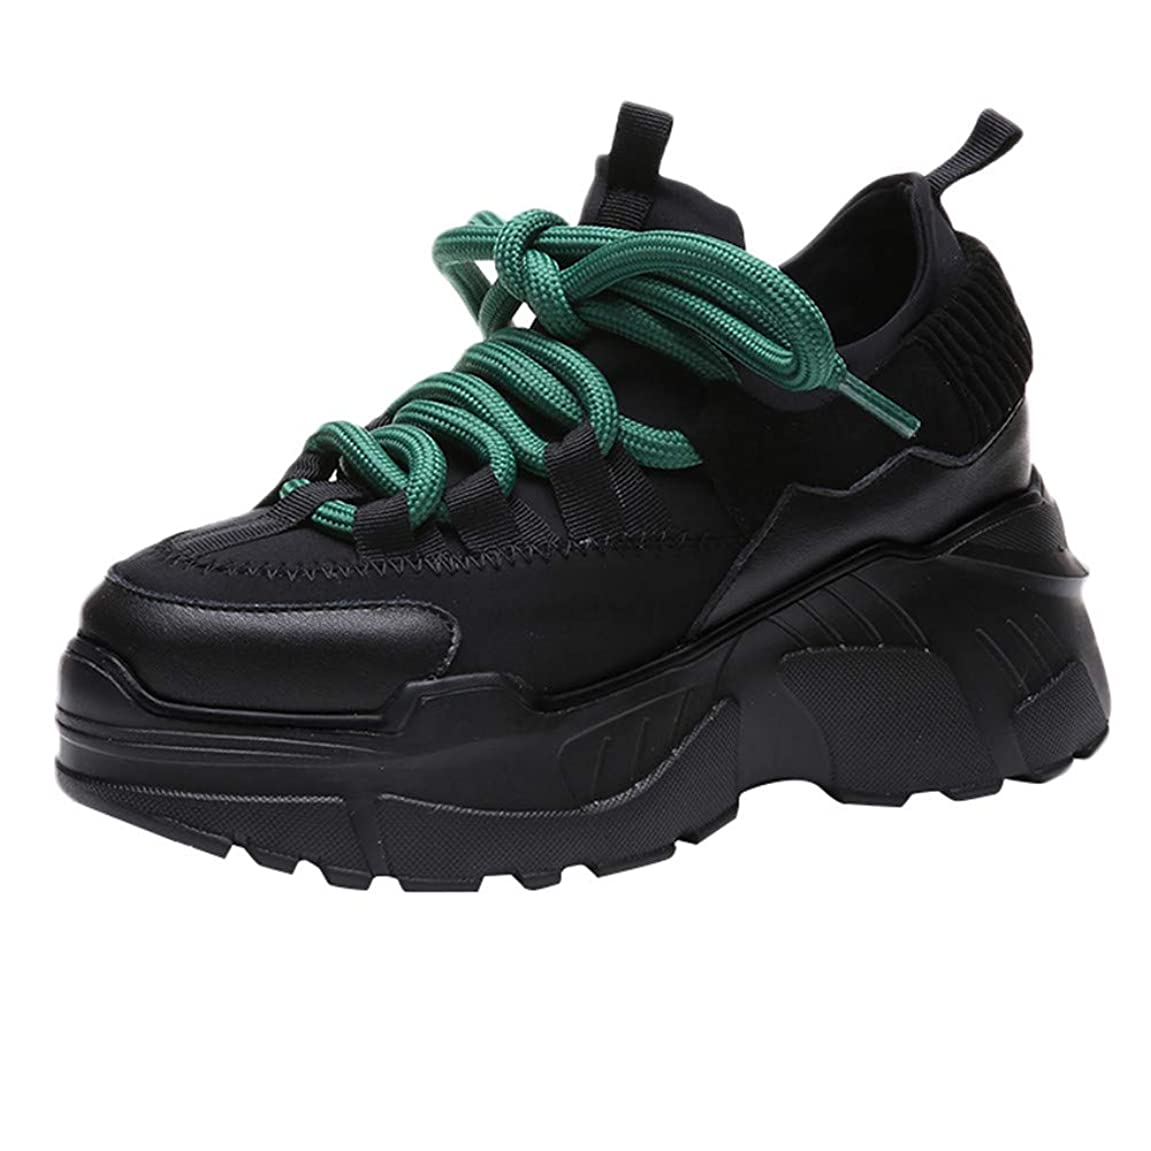 変えるコーチ根拠ランニングシューズ スニーカー レディース メンズ ジョギングシューズ 運動靴 軽量 防水 通学靴 [春の屋] レディースカジュアルプラットフォームスポーツハイシューズラウンドヘッドレースアップフラットスニーカー